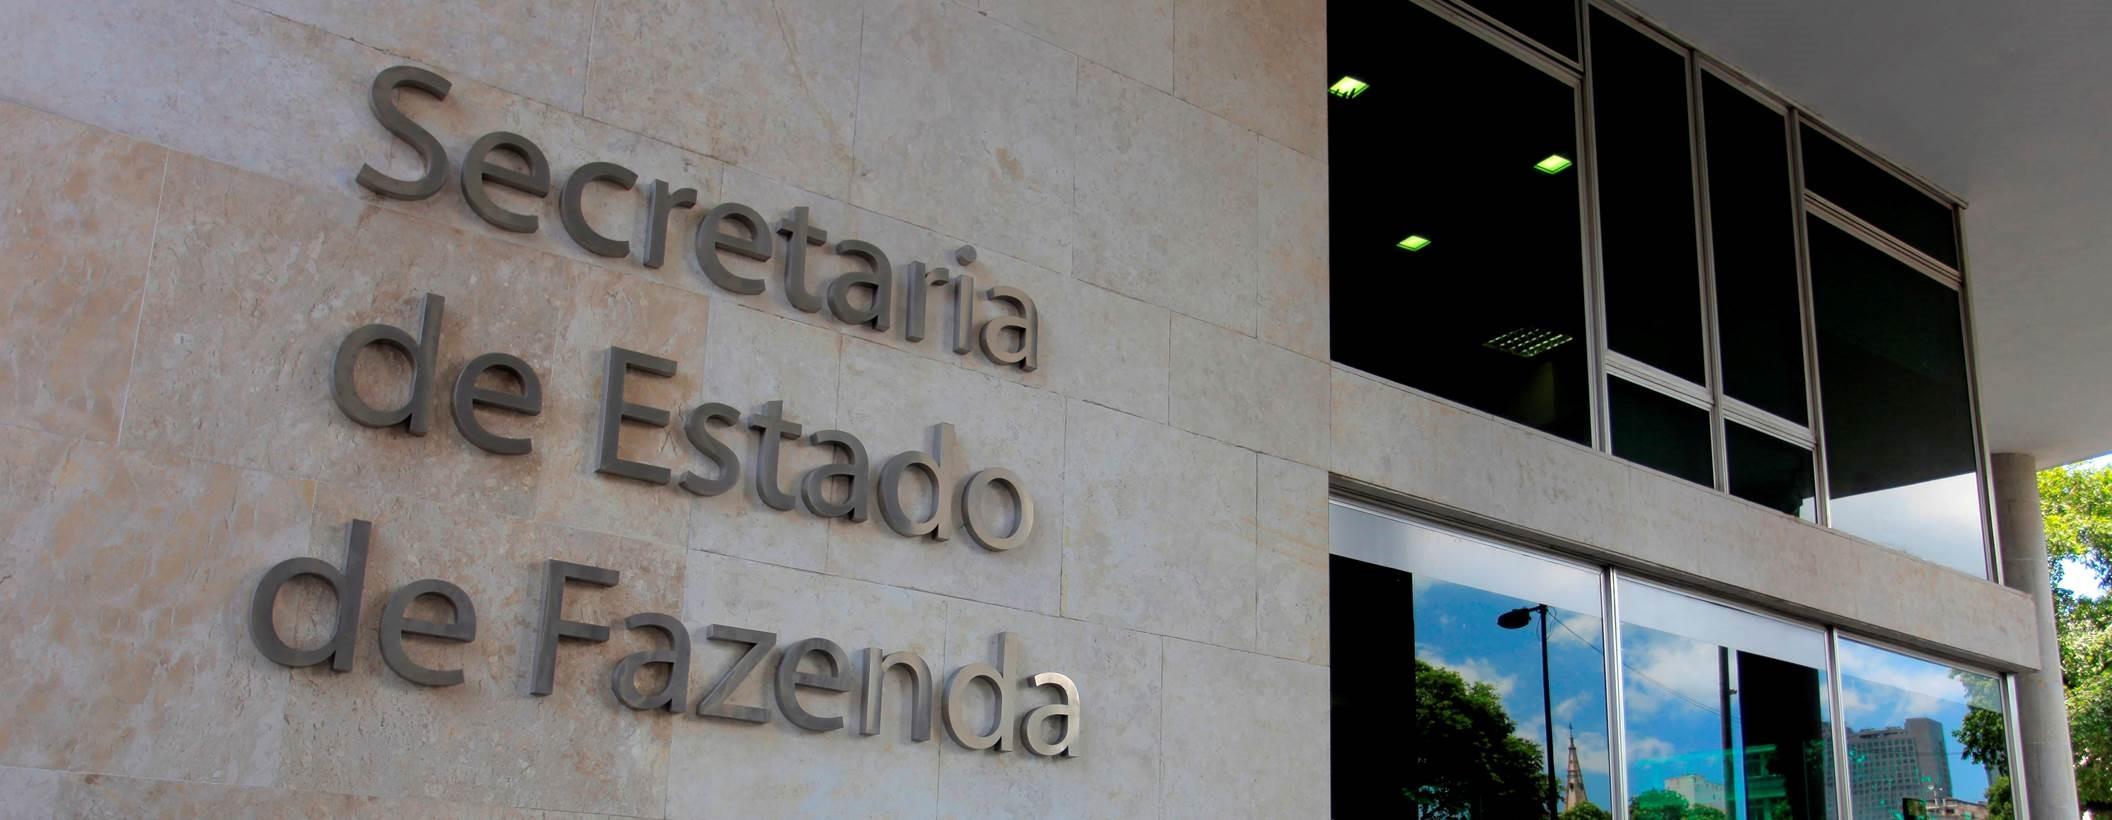 Secretaria Estadual Da Fazenda - Plumas - Secretaria de Estado de Fazenda lança Programa Moderniza Rio